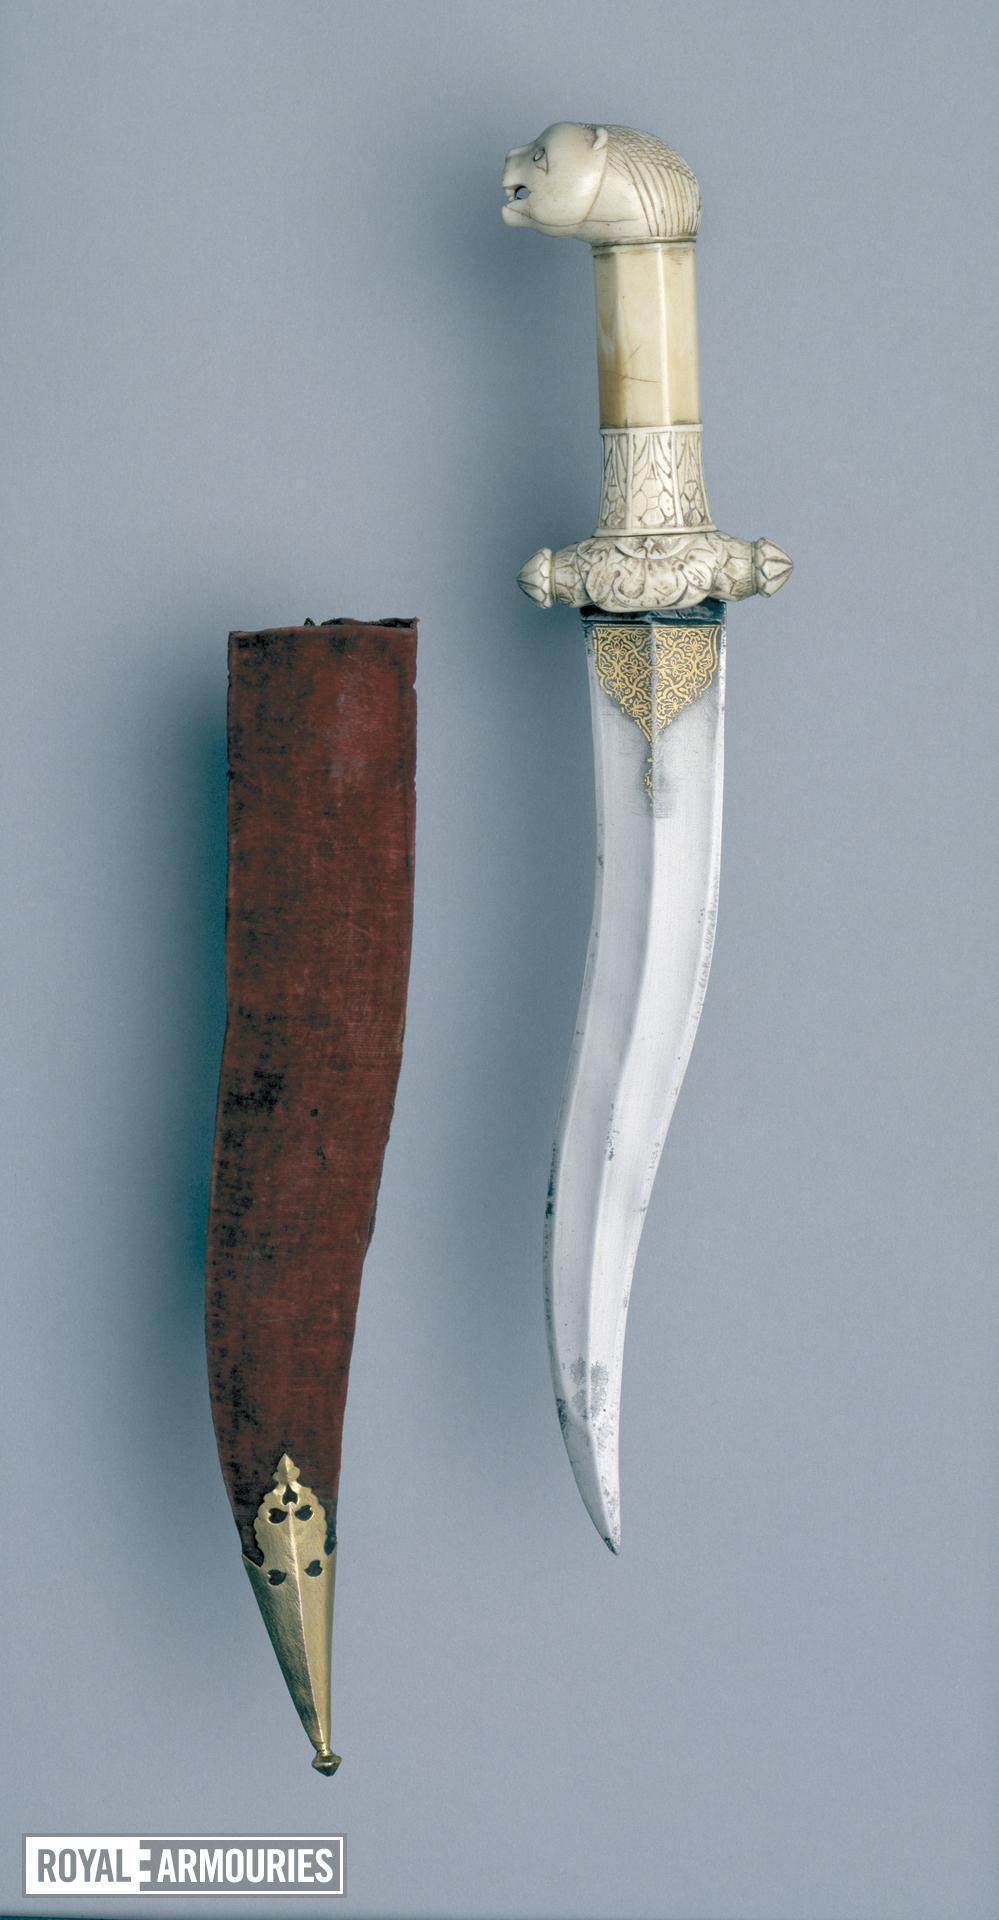 Dagger (khanjar) with an ivory hilt.